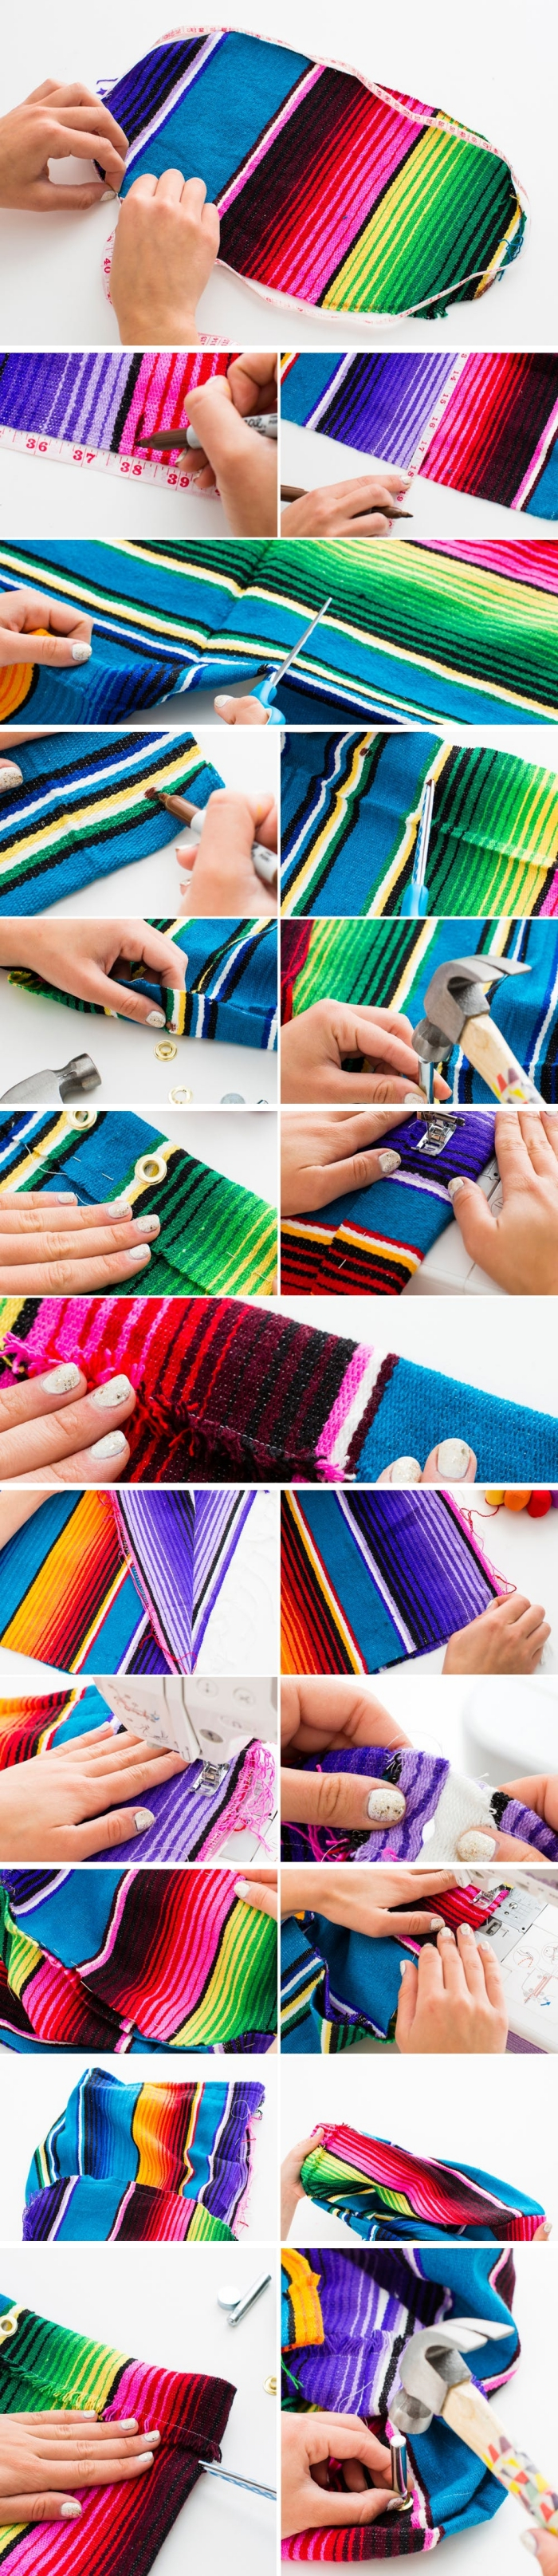 étapes à suivre pour apprendre comment coudre un sac à main facile, tuto sac cabas avec tissu multicolore